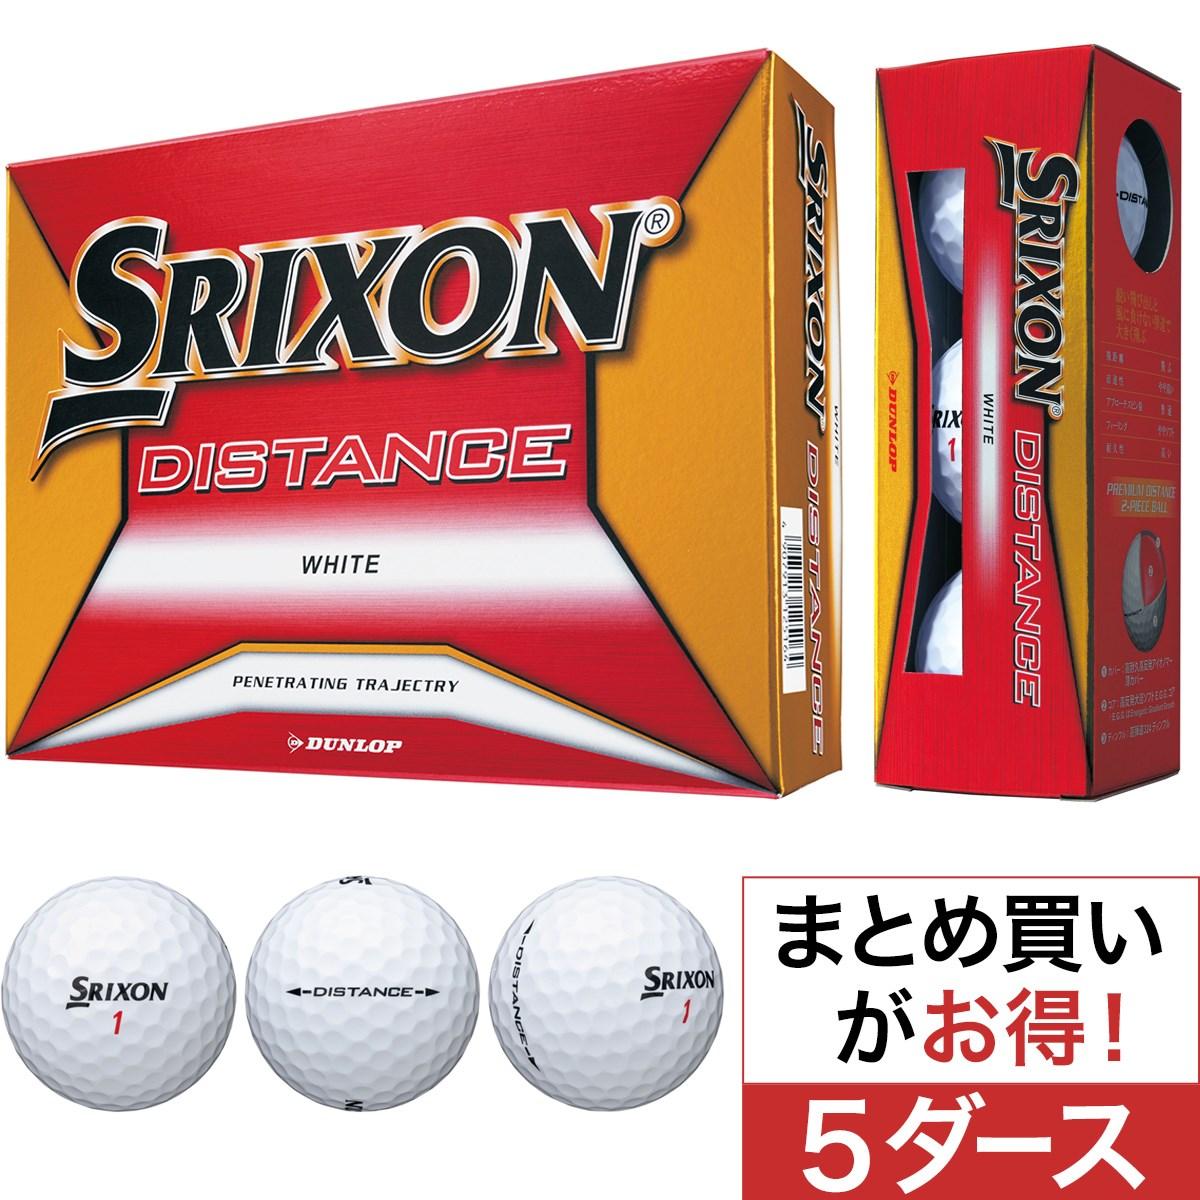 ダンロップ(DUNLOP) スリクソン DISTANCE8 ボール 5ダースセット